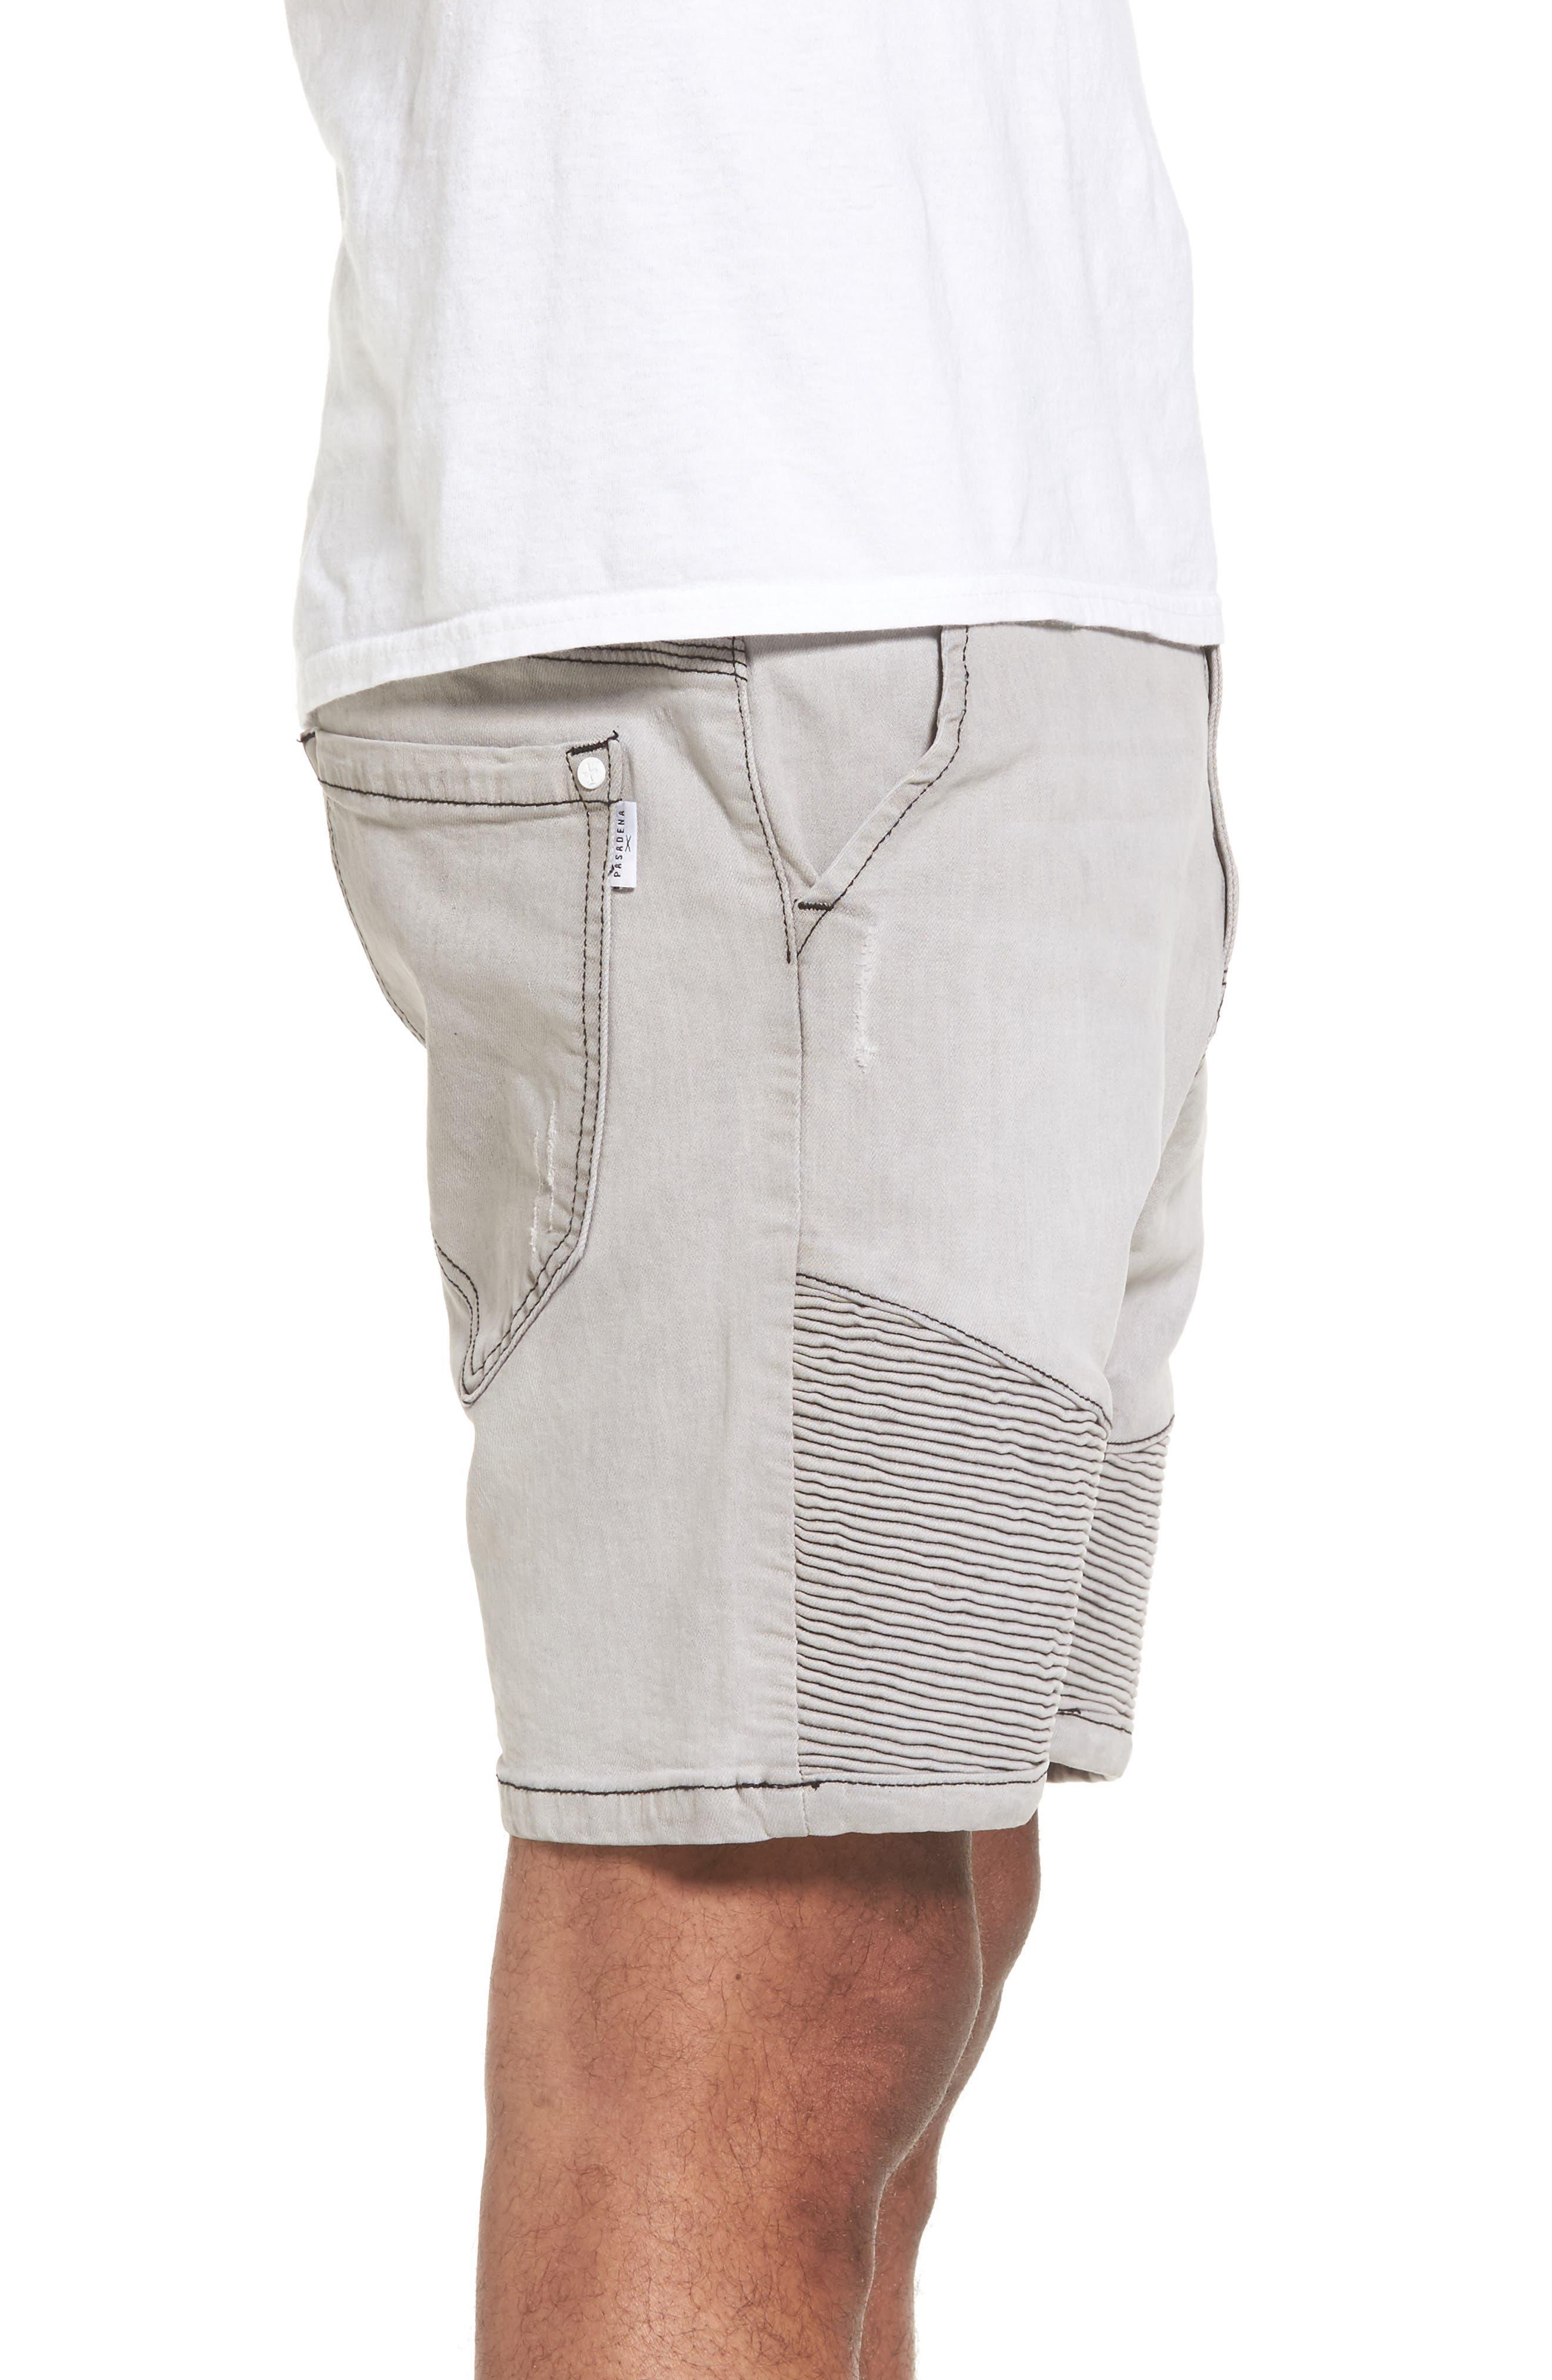 Scope Shorts,                             Alternate thumbnail 3, color,                             069